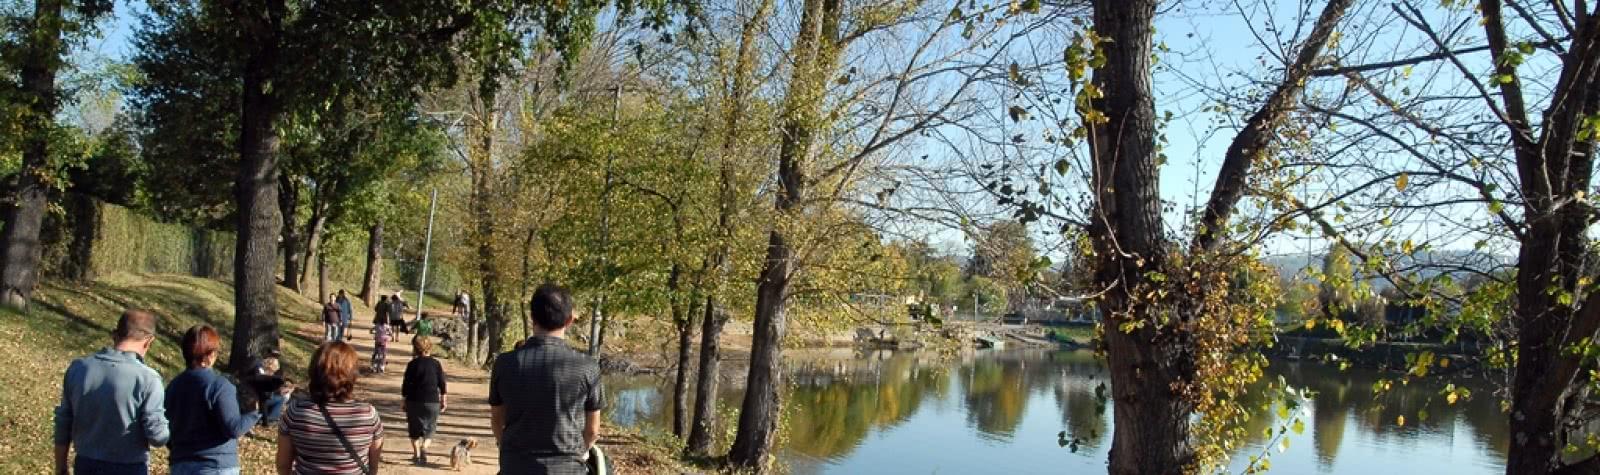 © Plan d'eau zone de loisirs Cournon-d'Auvergne